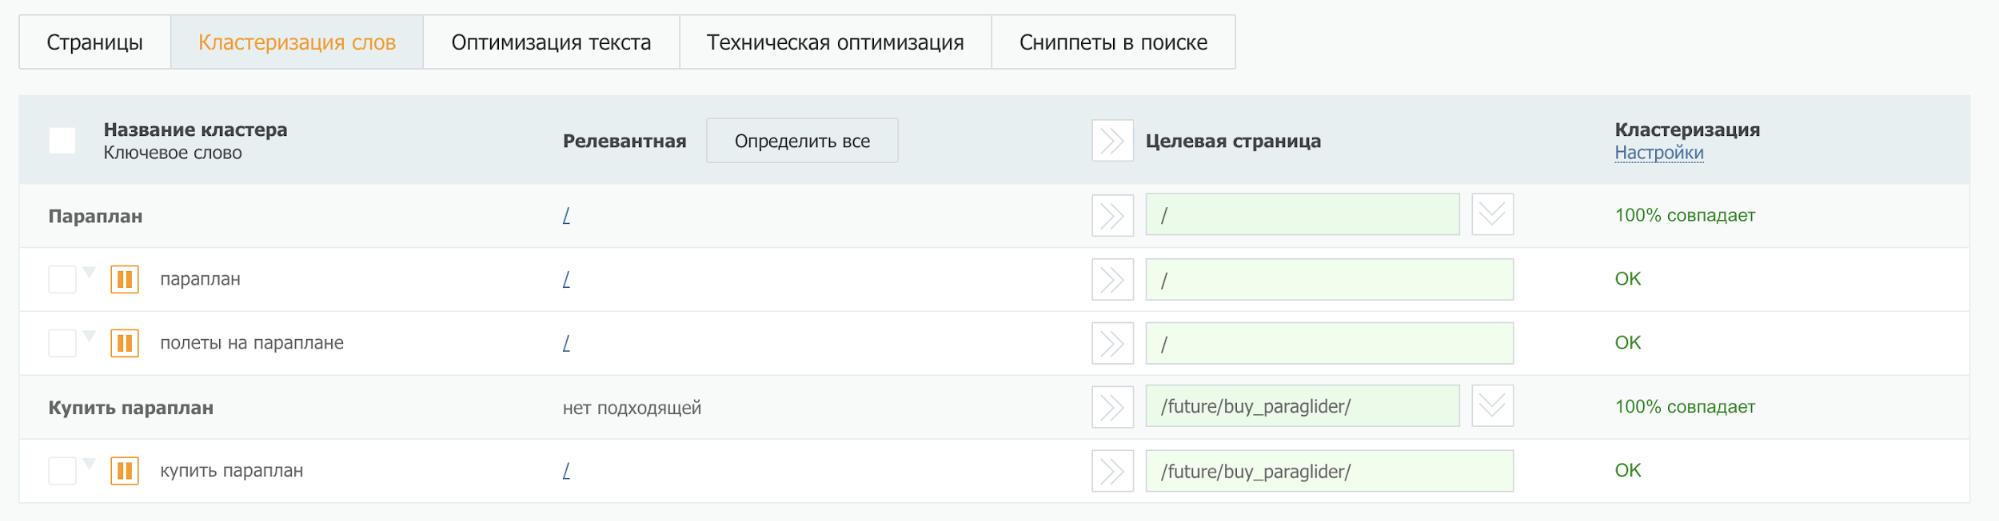 Система позволяет вручную указать временный URL — на его месте в будущем вы укажете верный URL созданной страницы.